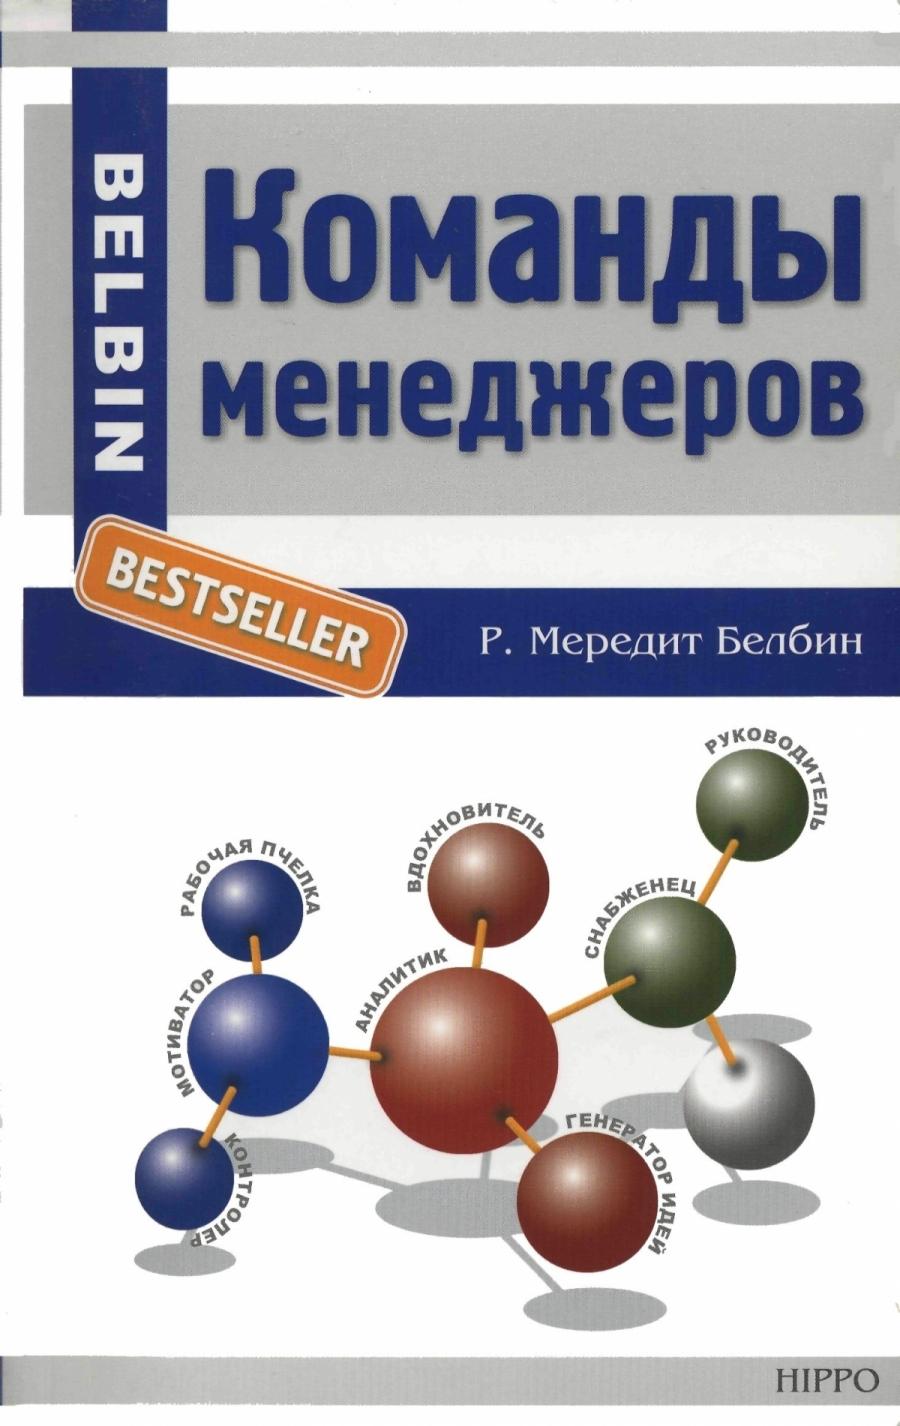 Обложка книги:  p. мередит белбин - типы ролей в командах менеджеров